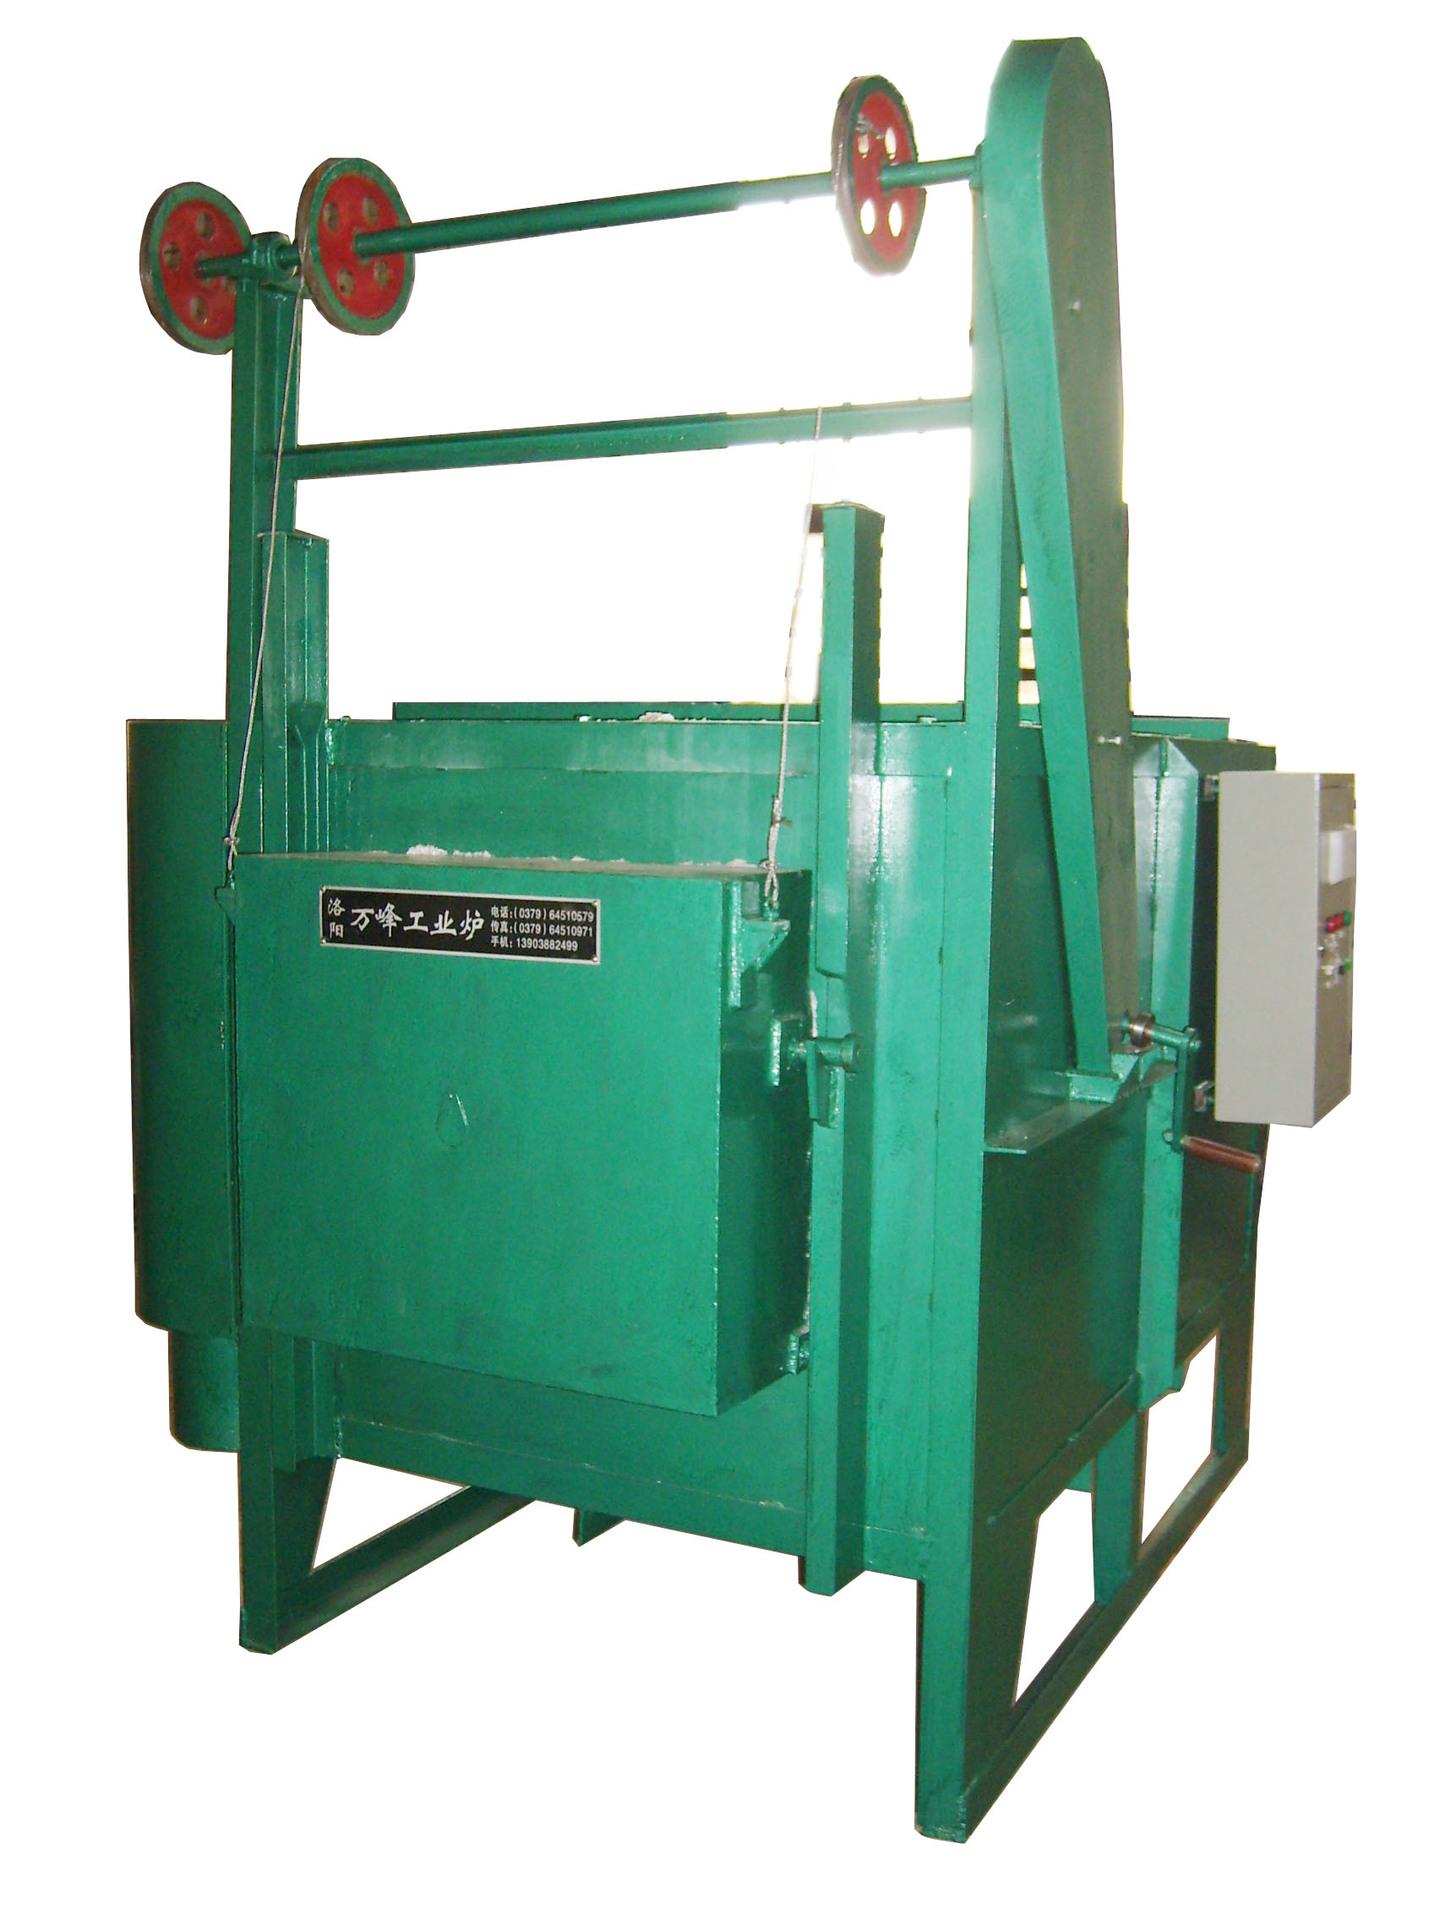 箱式电阻炉生产厂家 厂家直销箱式炉